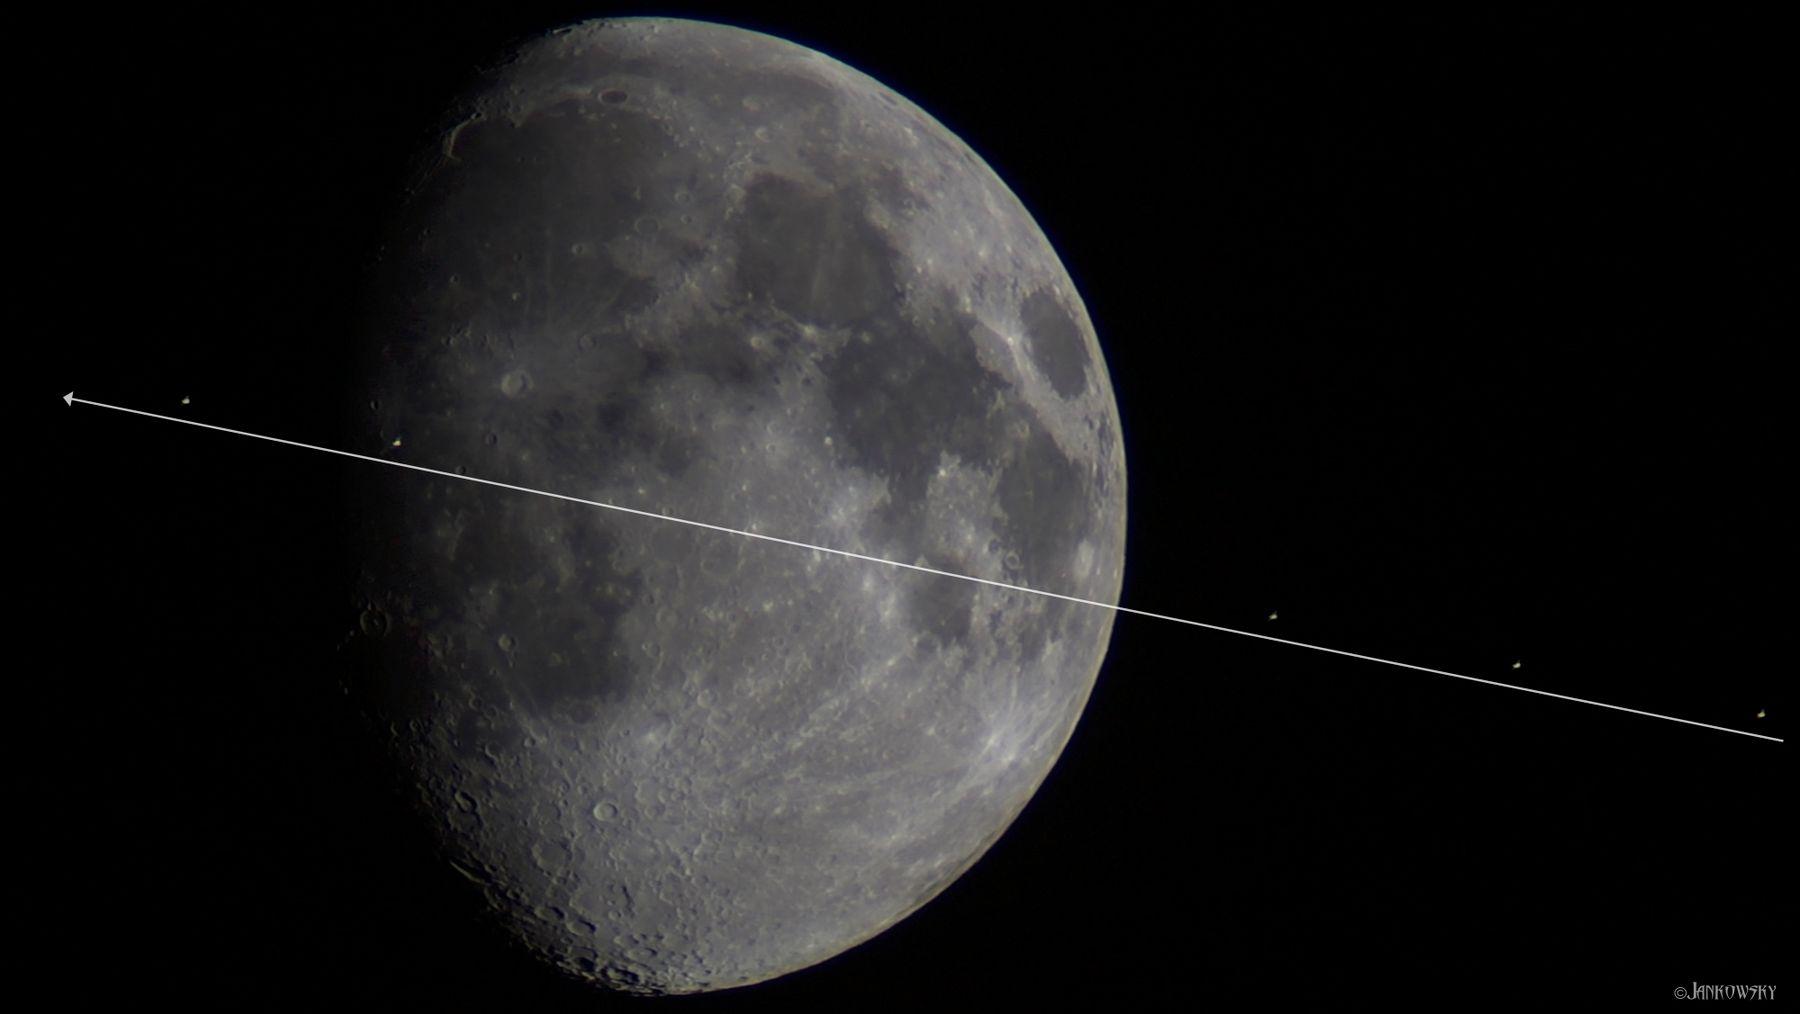 Транзит МКС по Луне 22.05.21 мкс луна транзит по луне на фоне луны астрофото